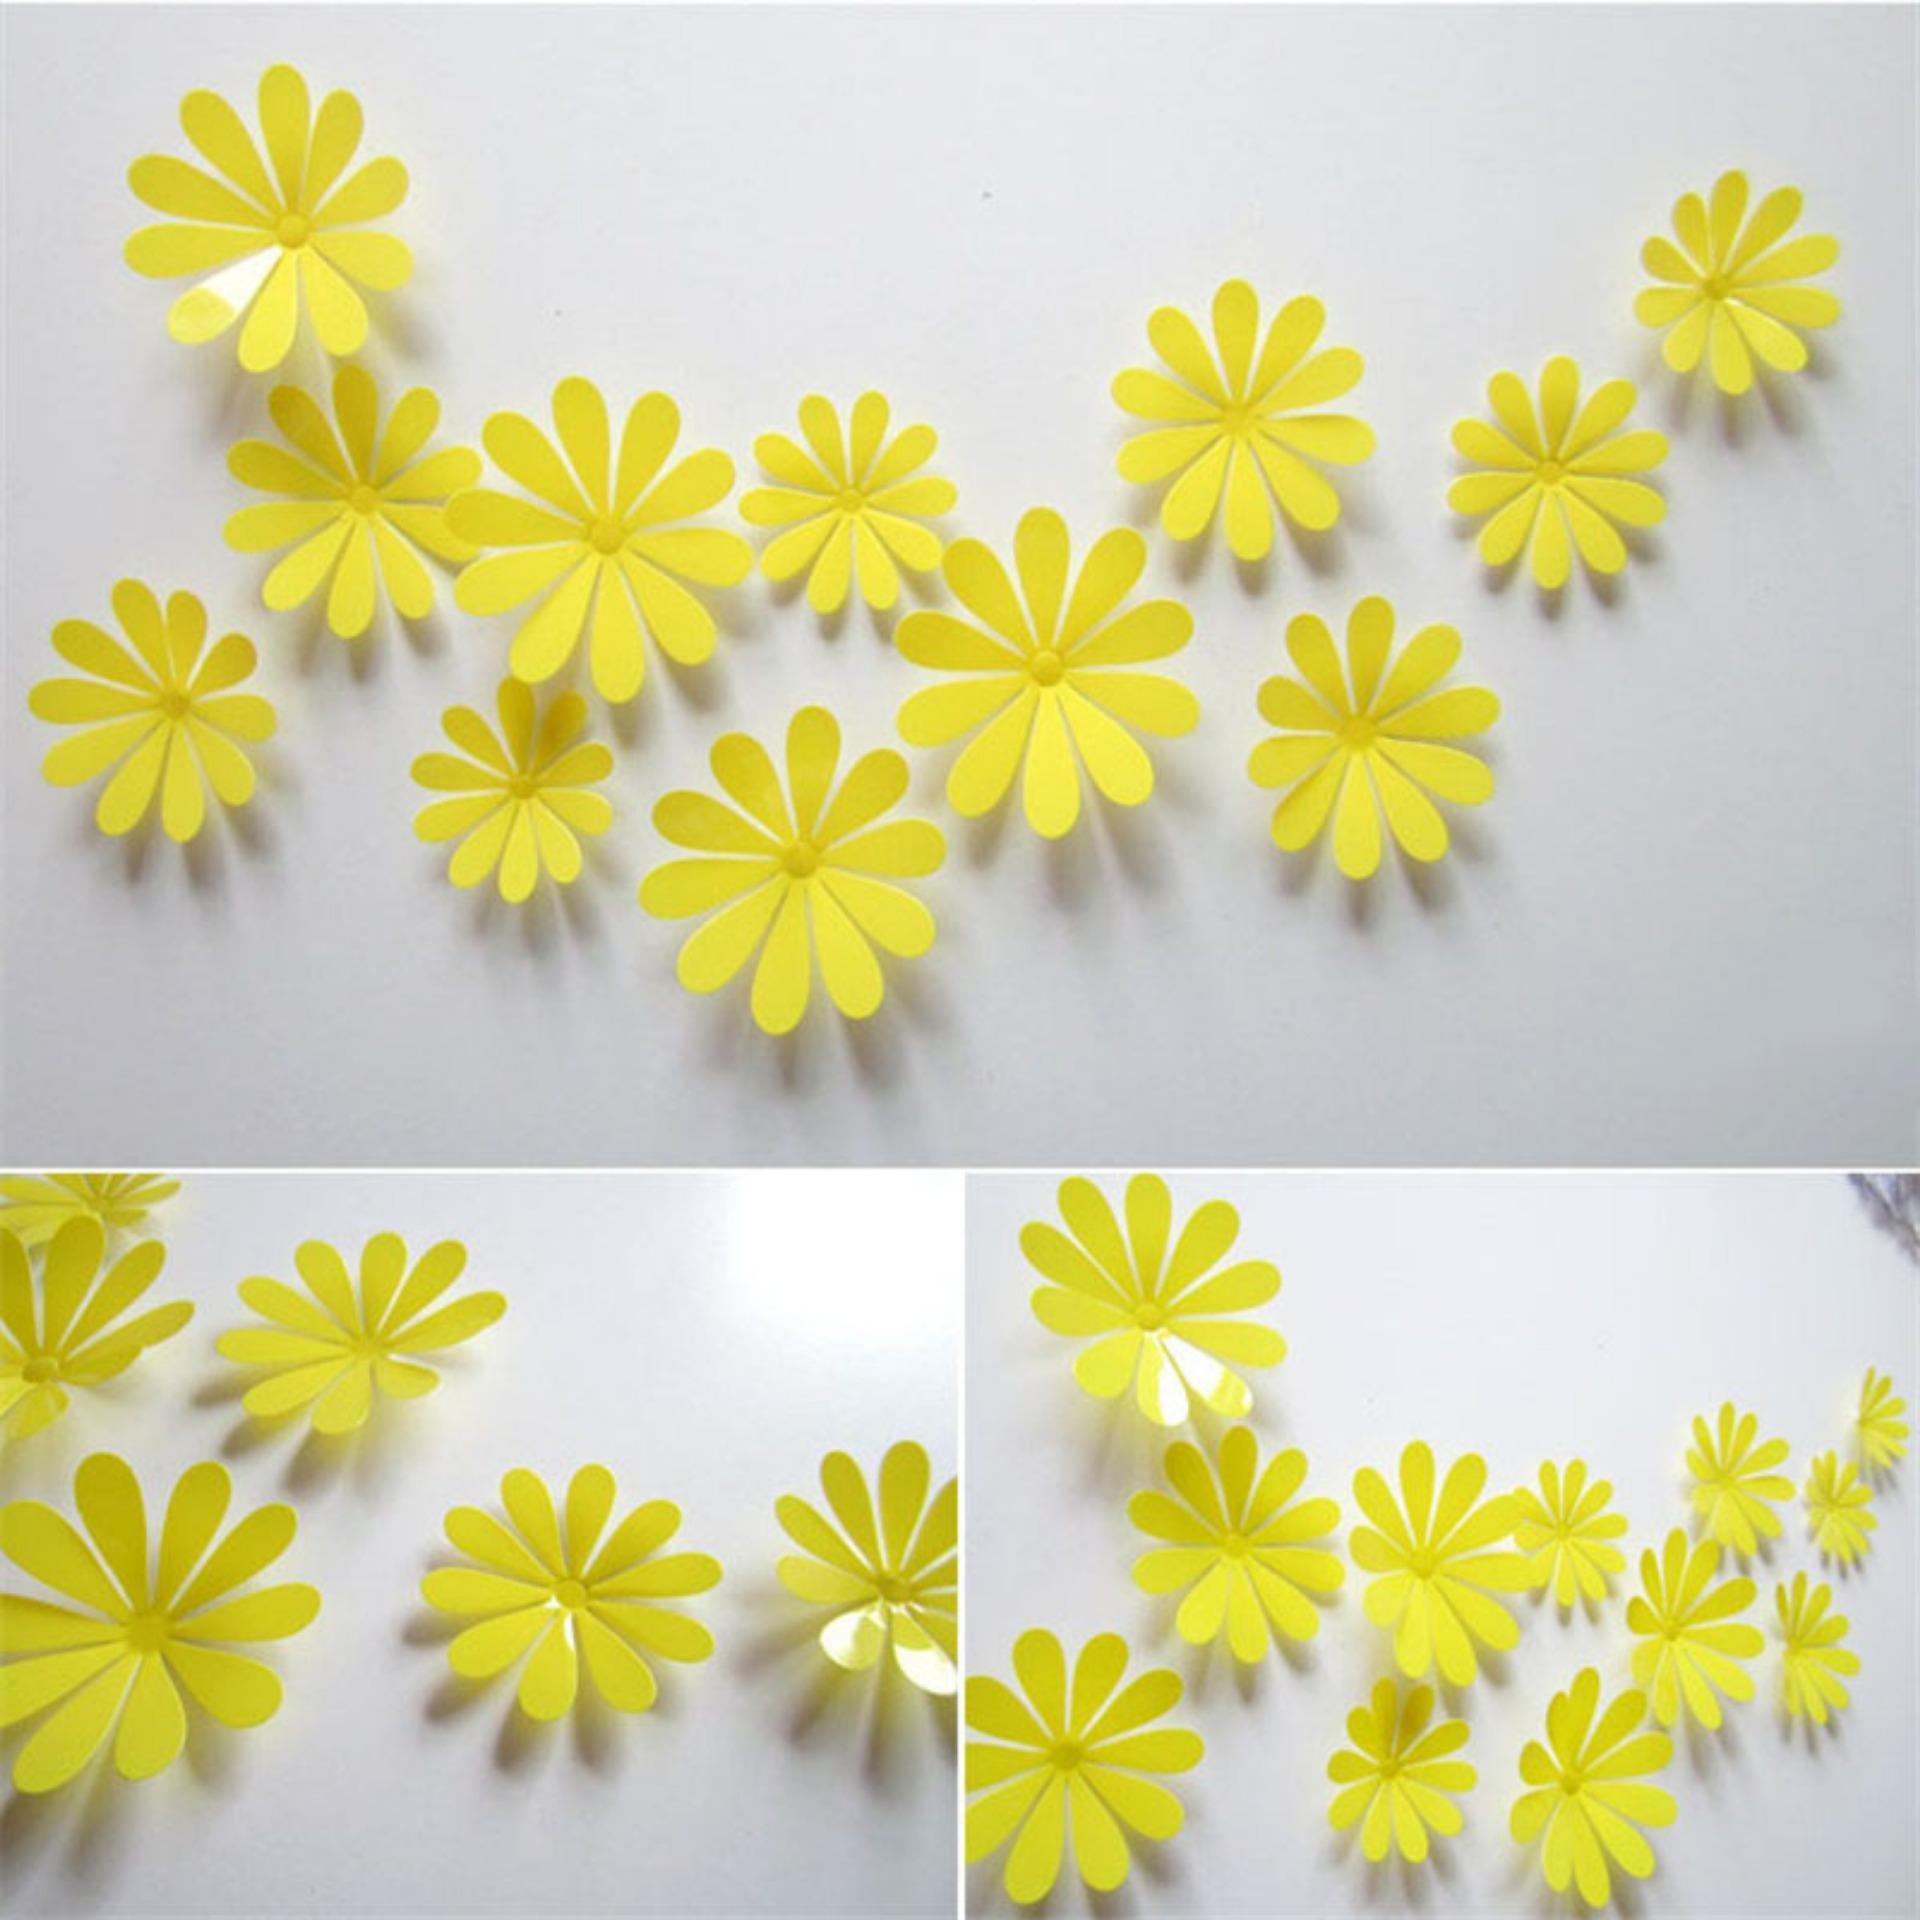 Nice Flower Wall Art Decor Mold - Art & Wall Decor - hecatalog.info